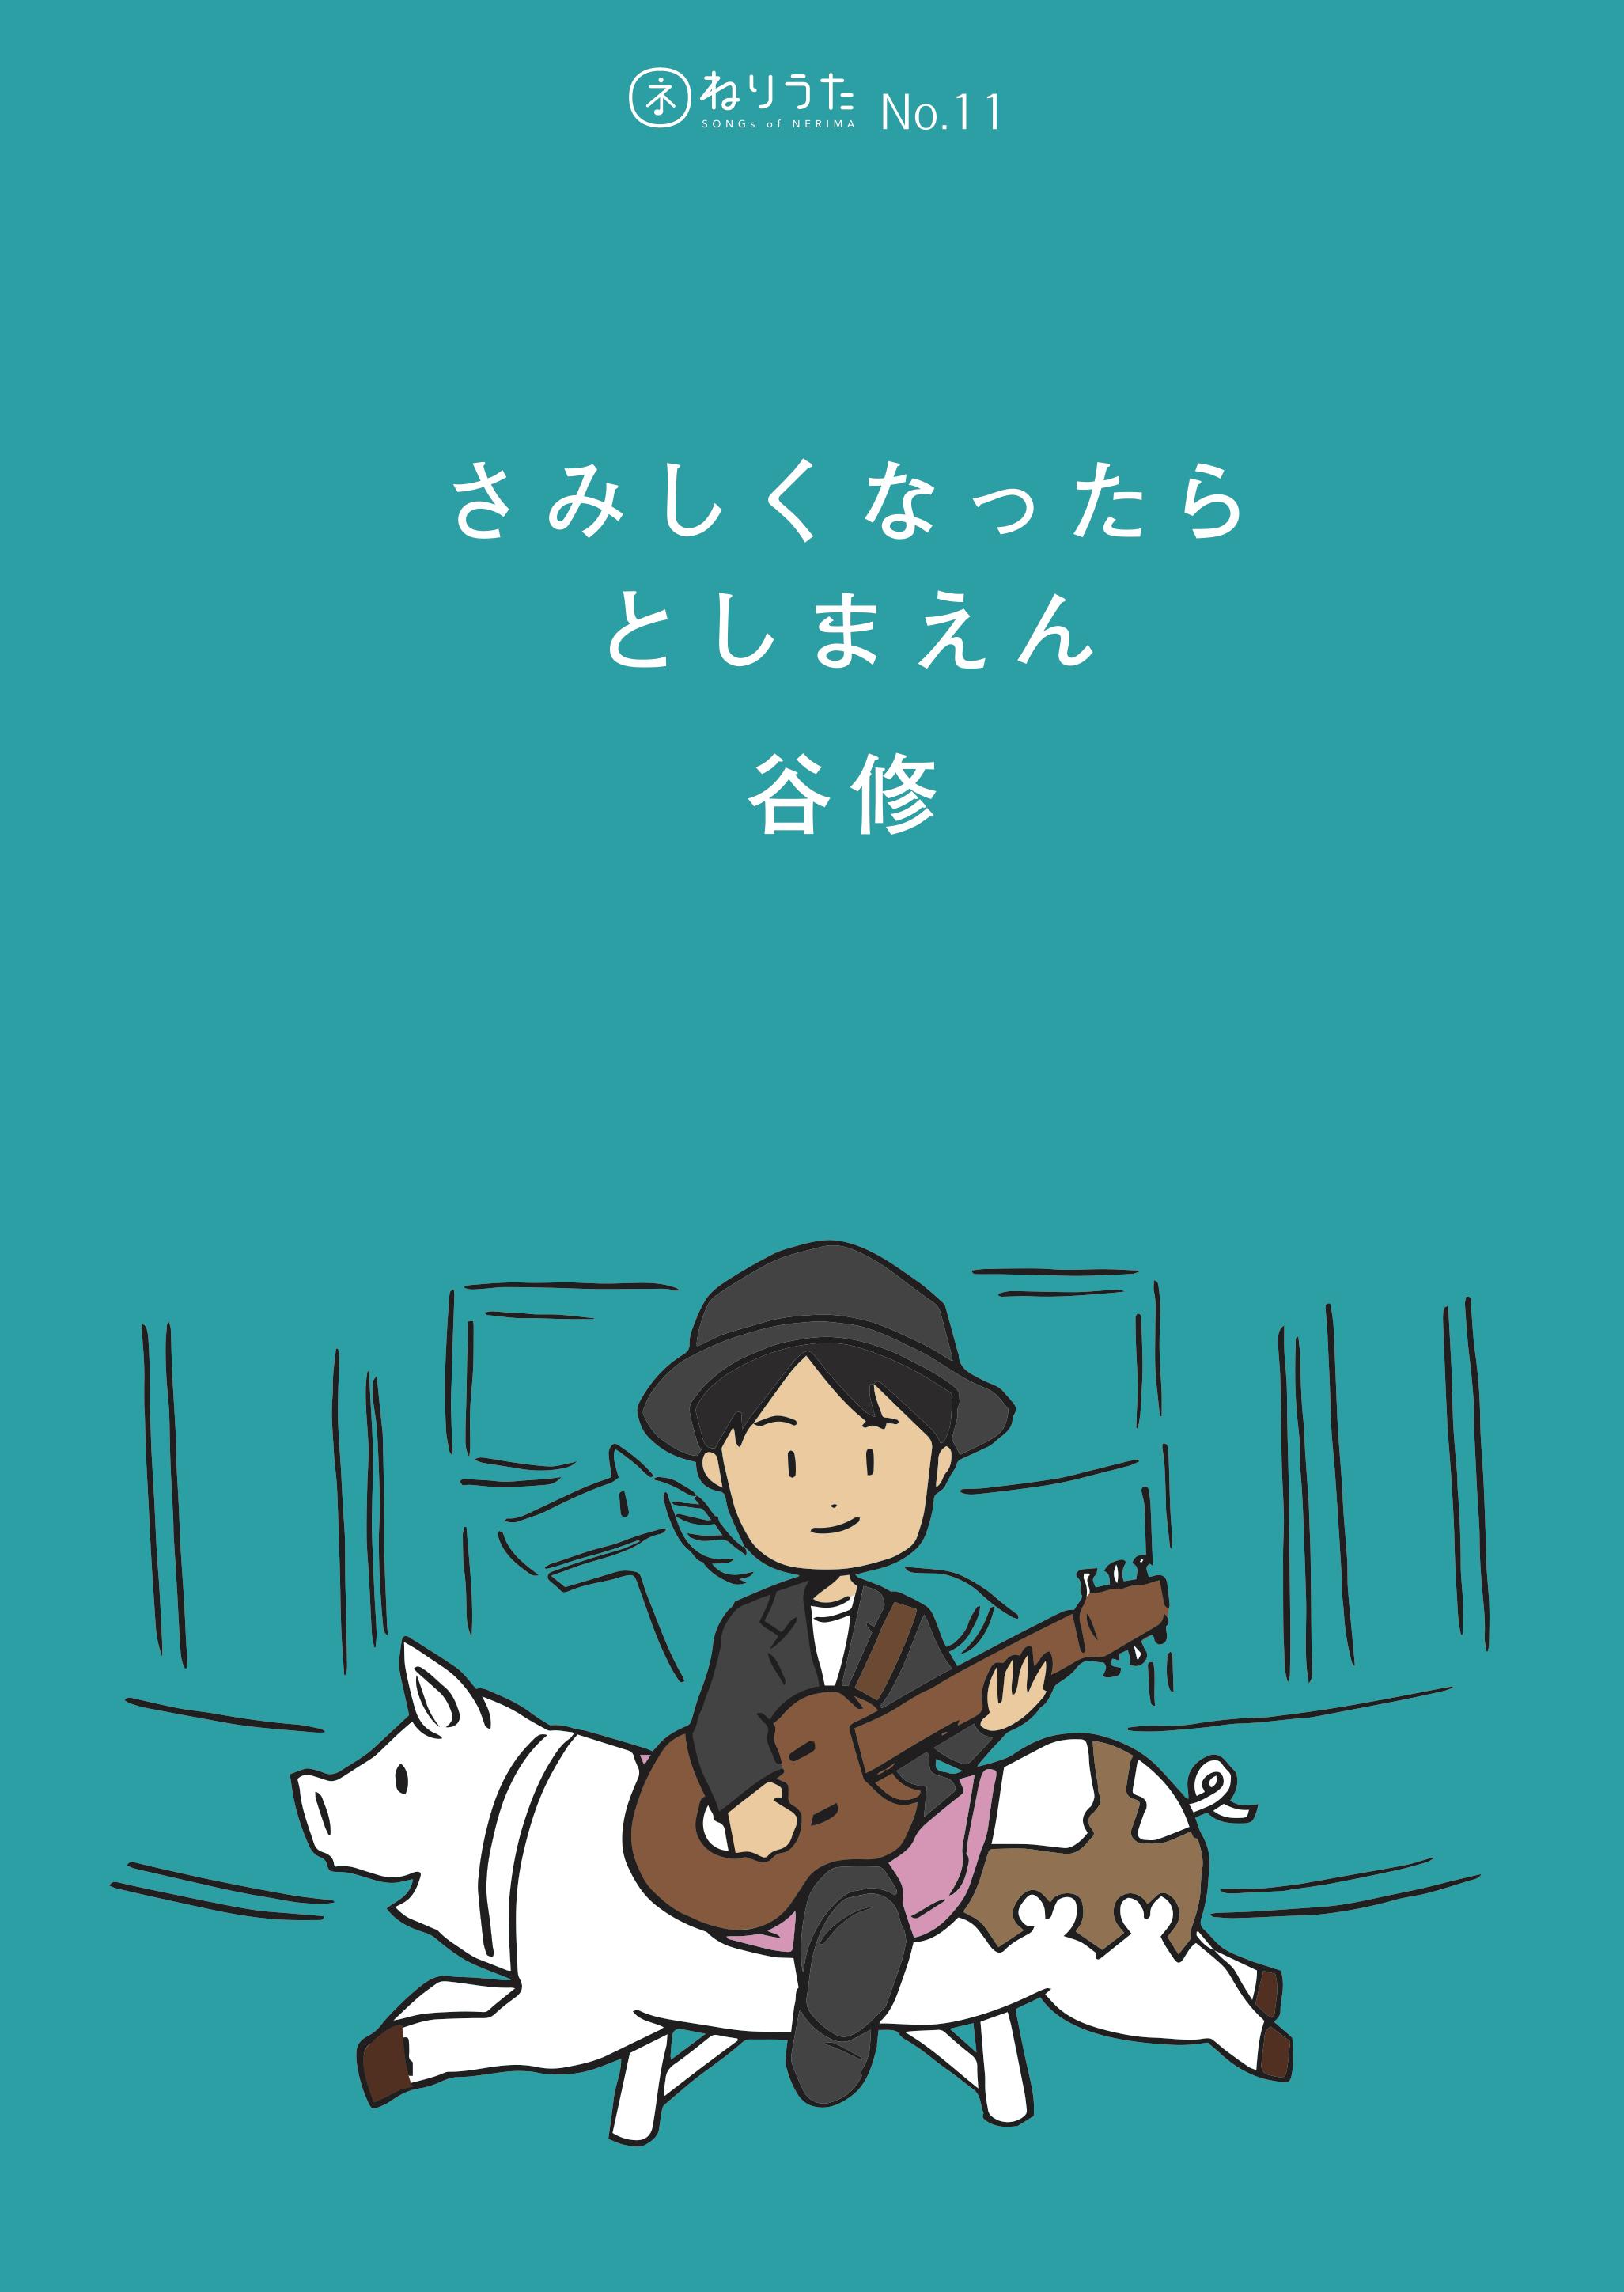 ねりうた #11 「さみしくなったらとしまえん」ダウンロード版